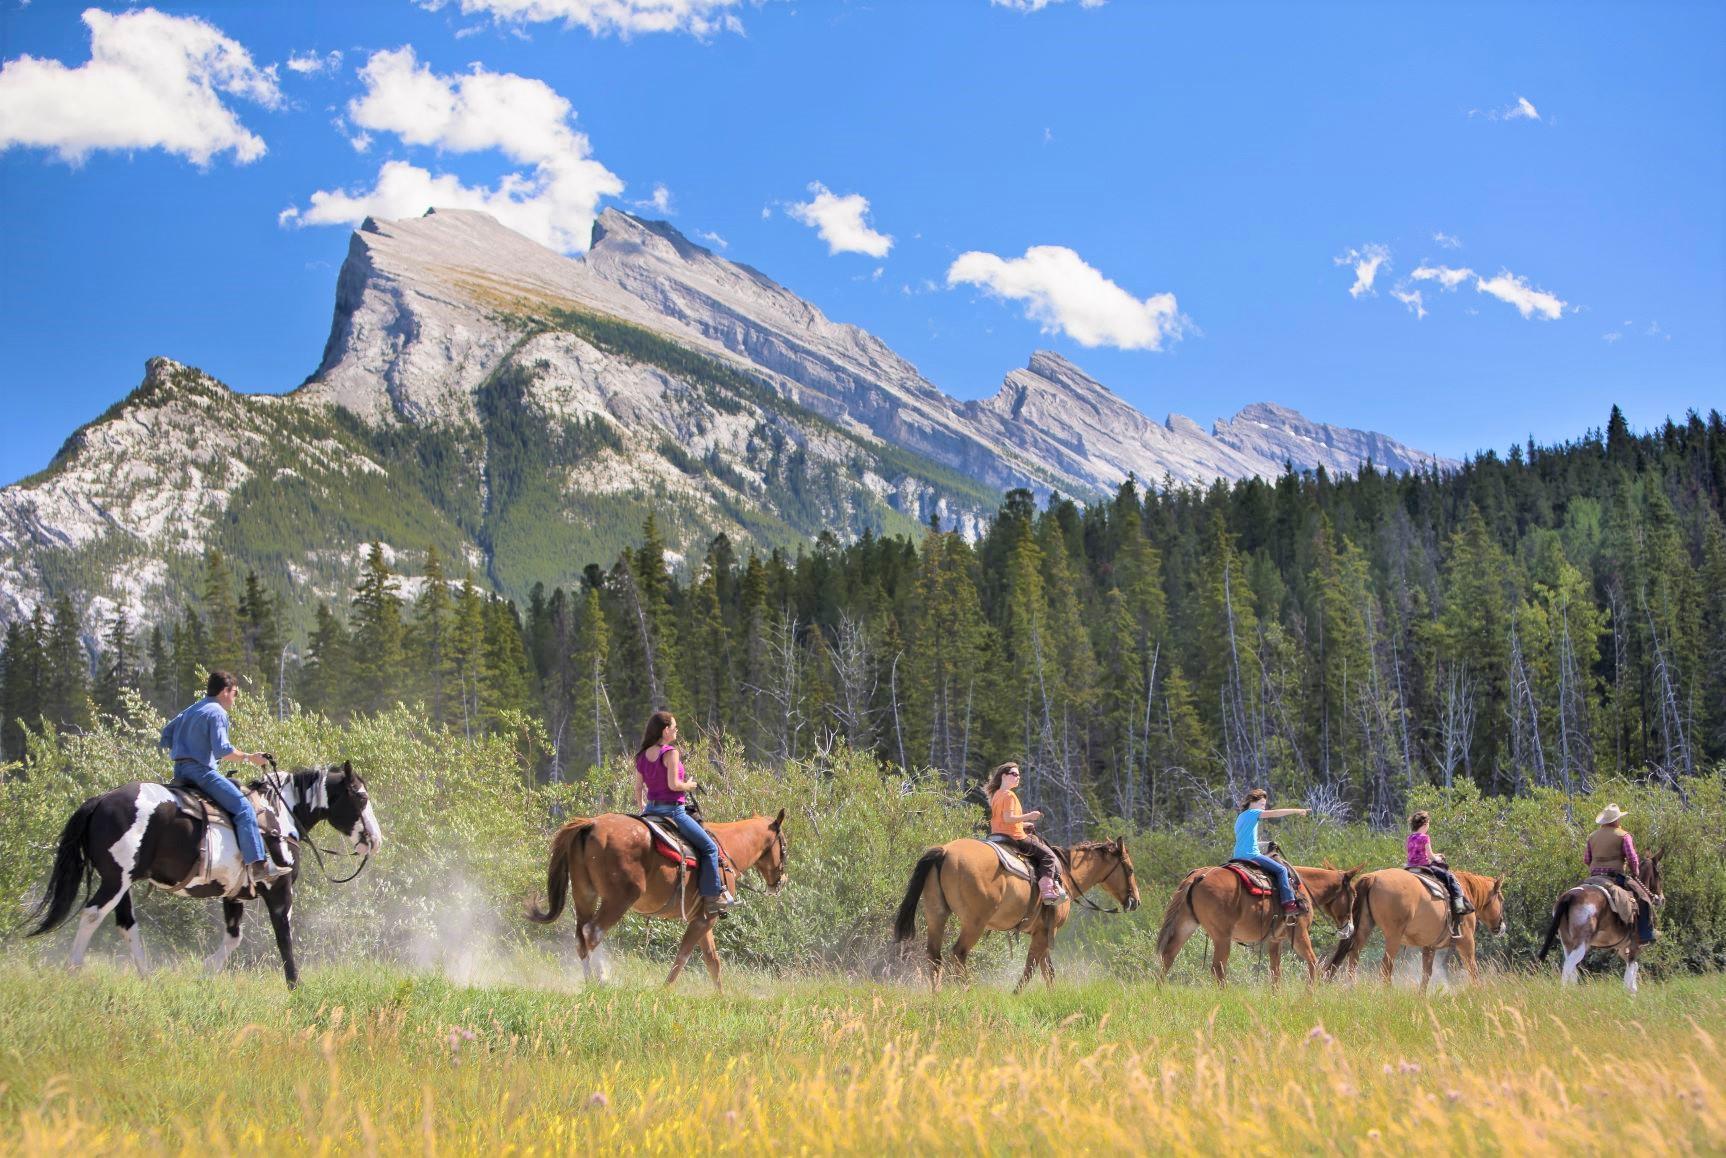 バンフで乗馬体験(別料金)